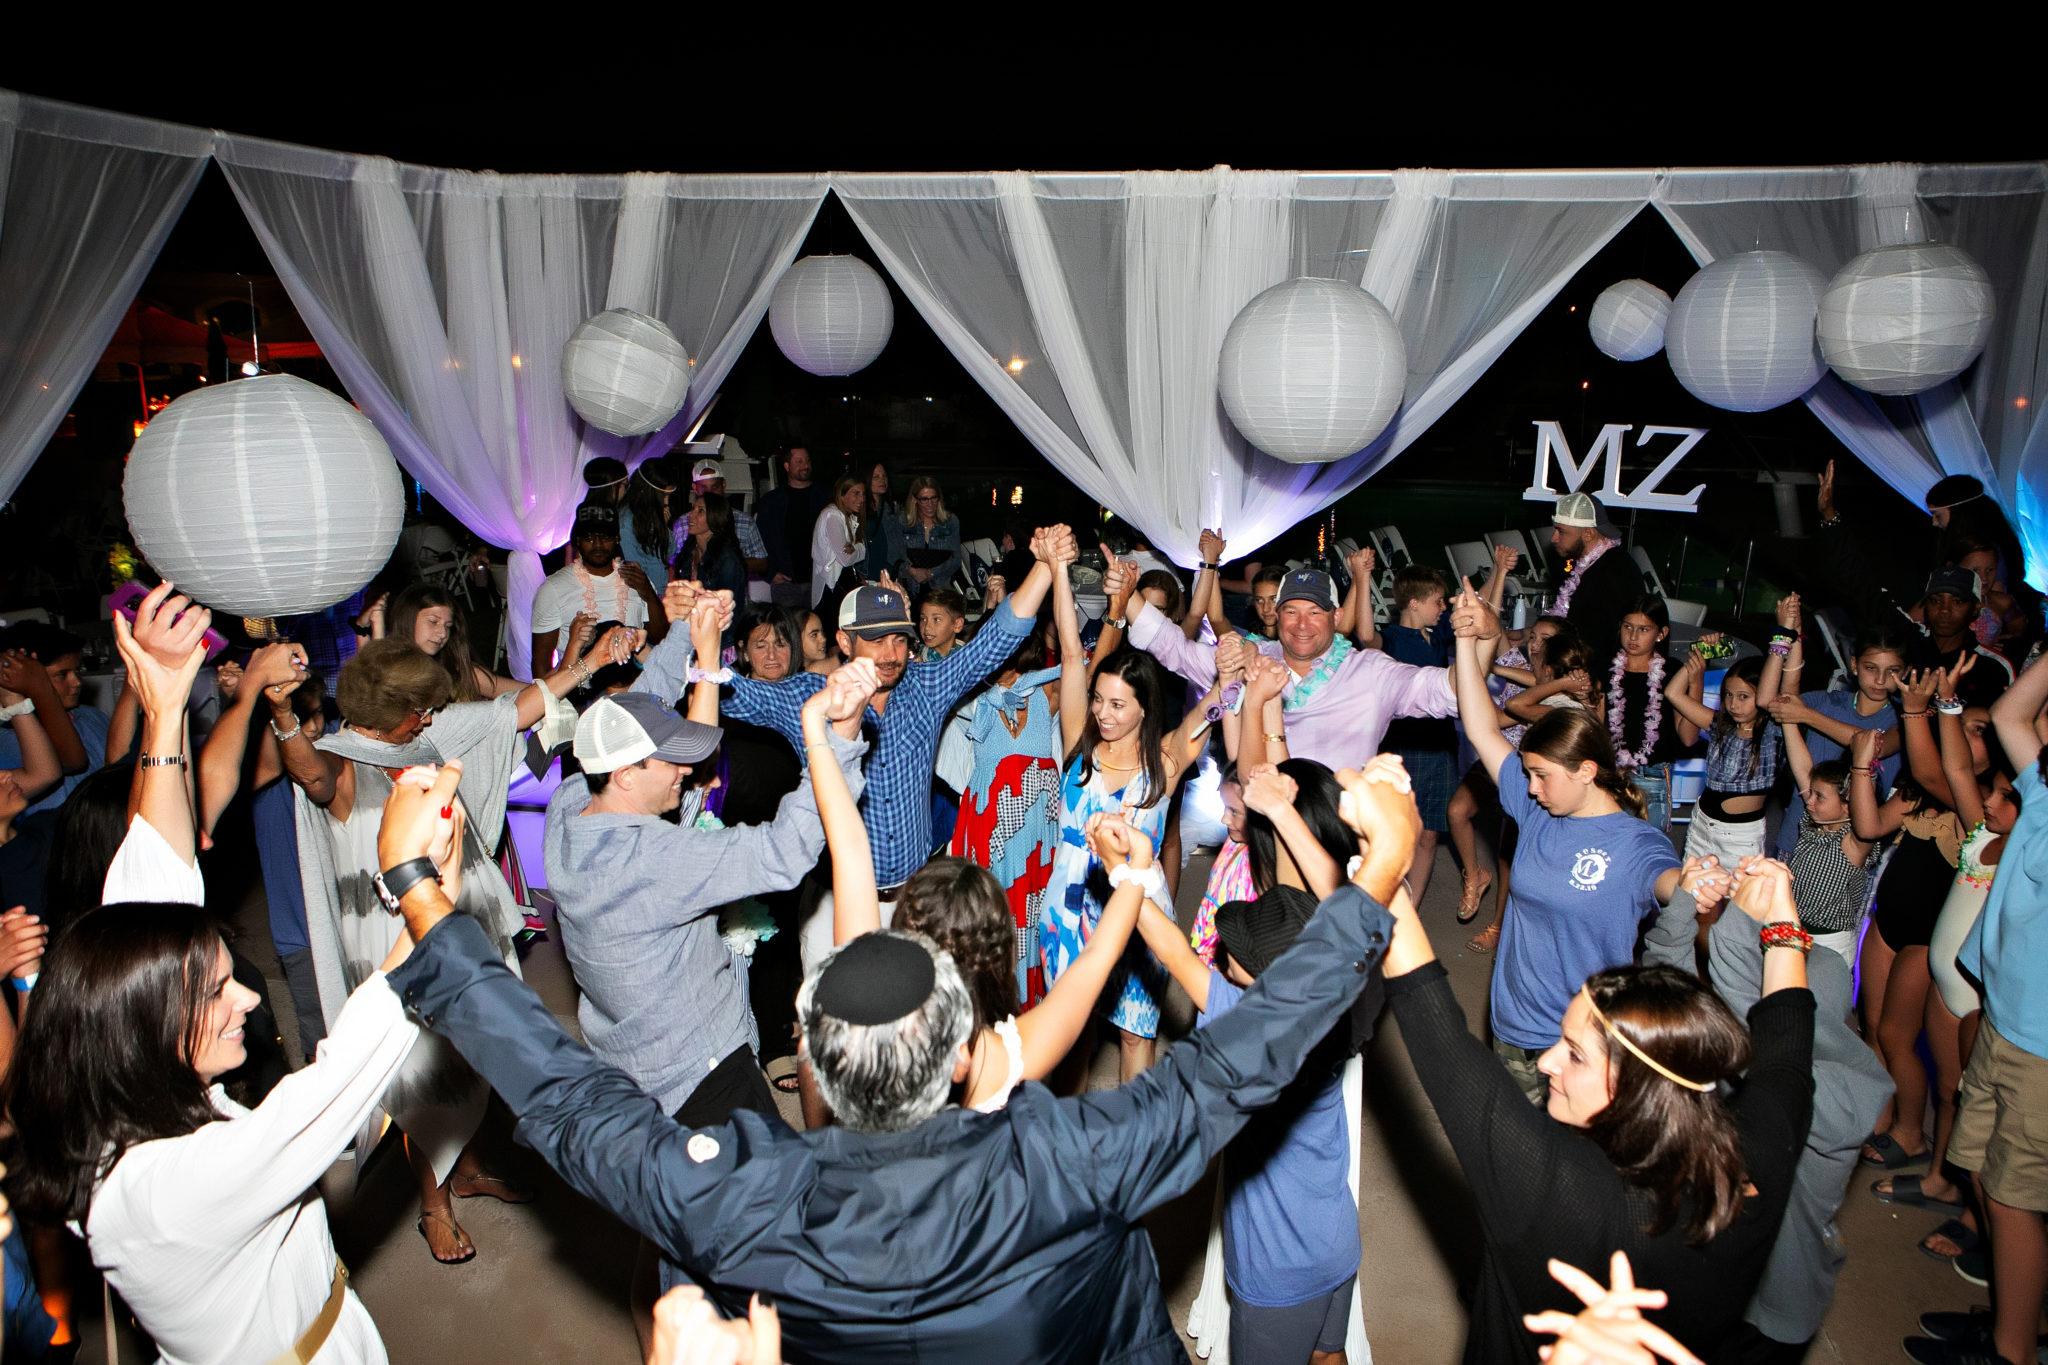 M&Z_264